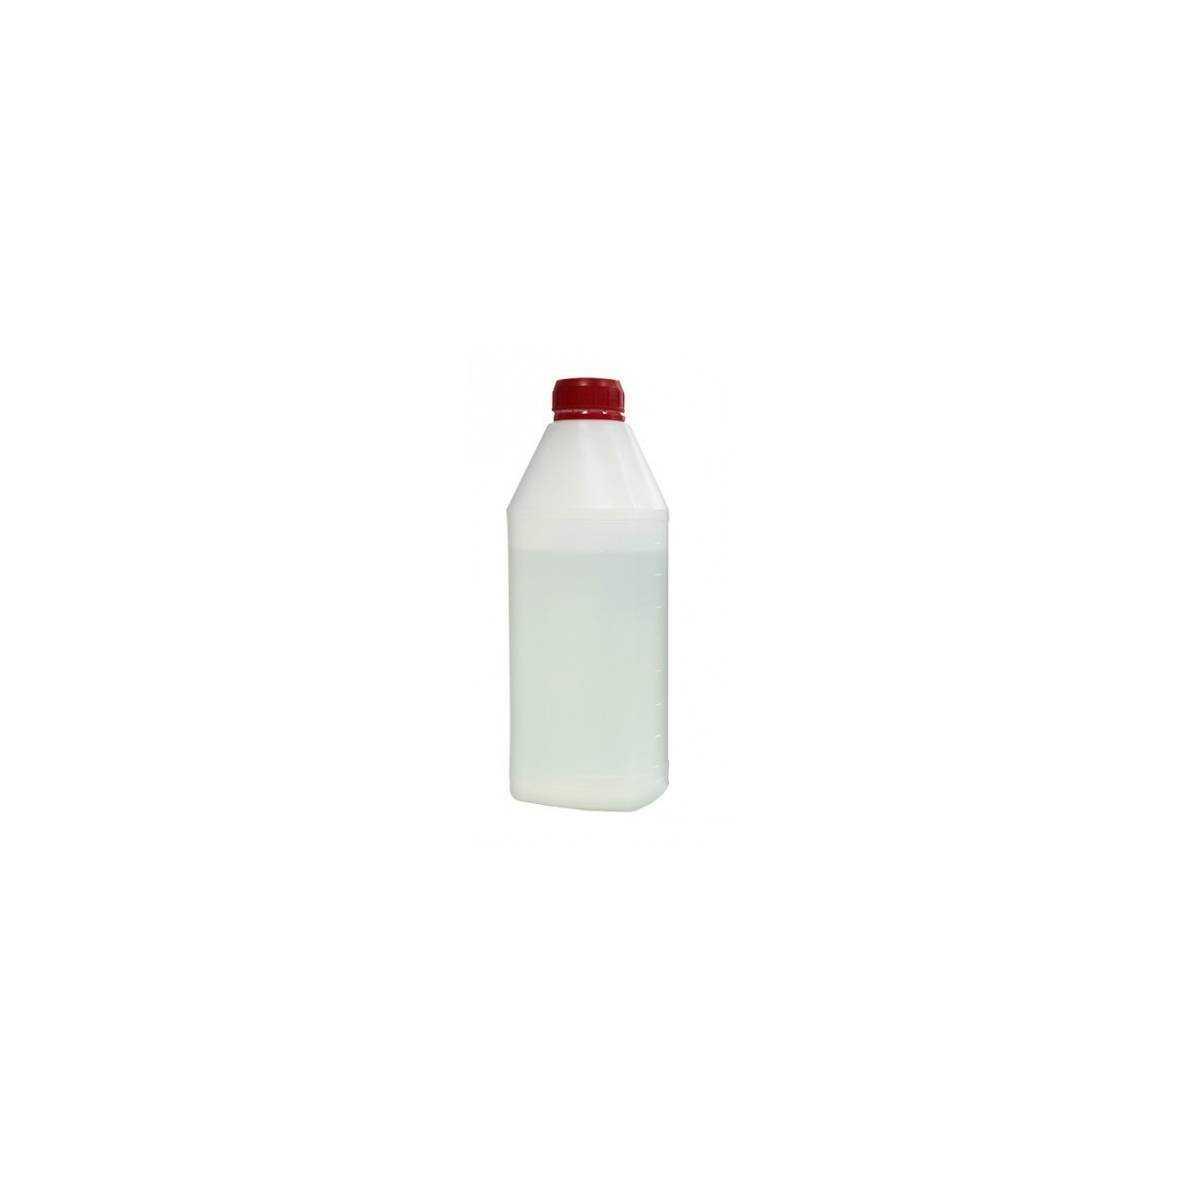 Средство для чистки ковровых покрытий, Omega 1кг DME/SP 1кг ECOCHEM